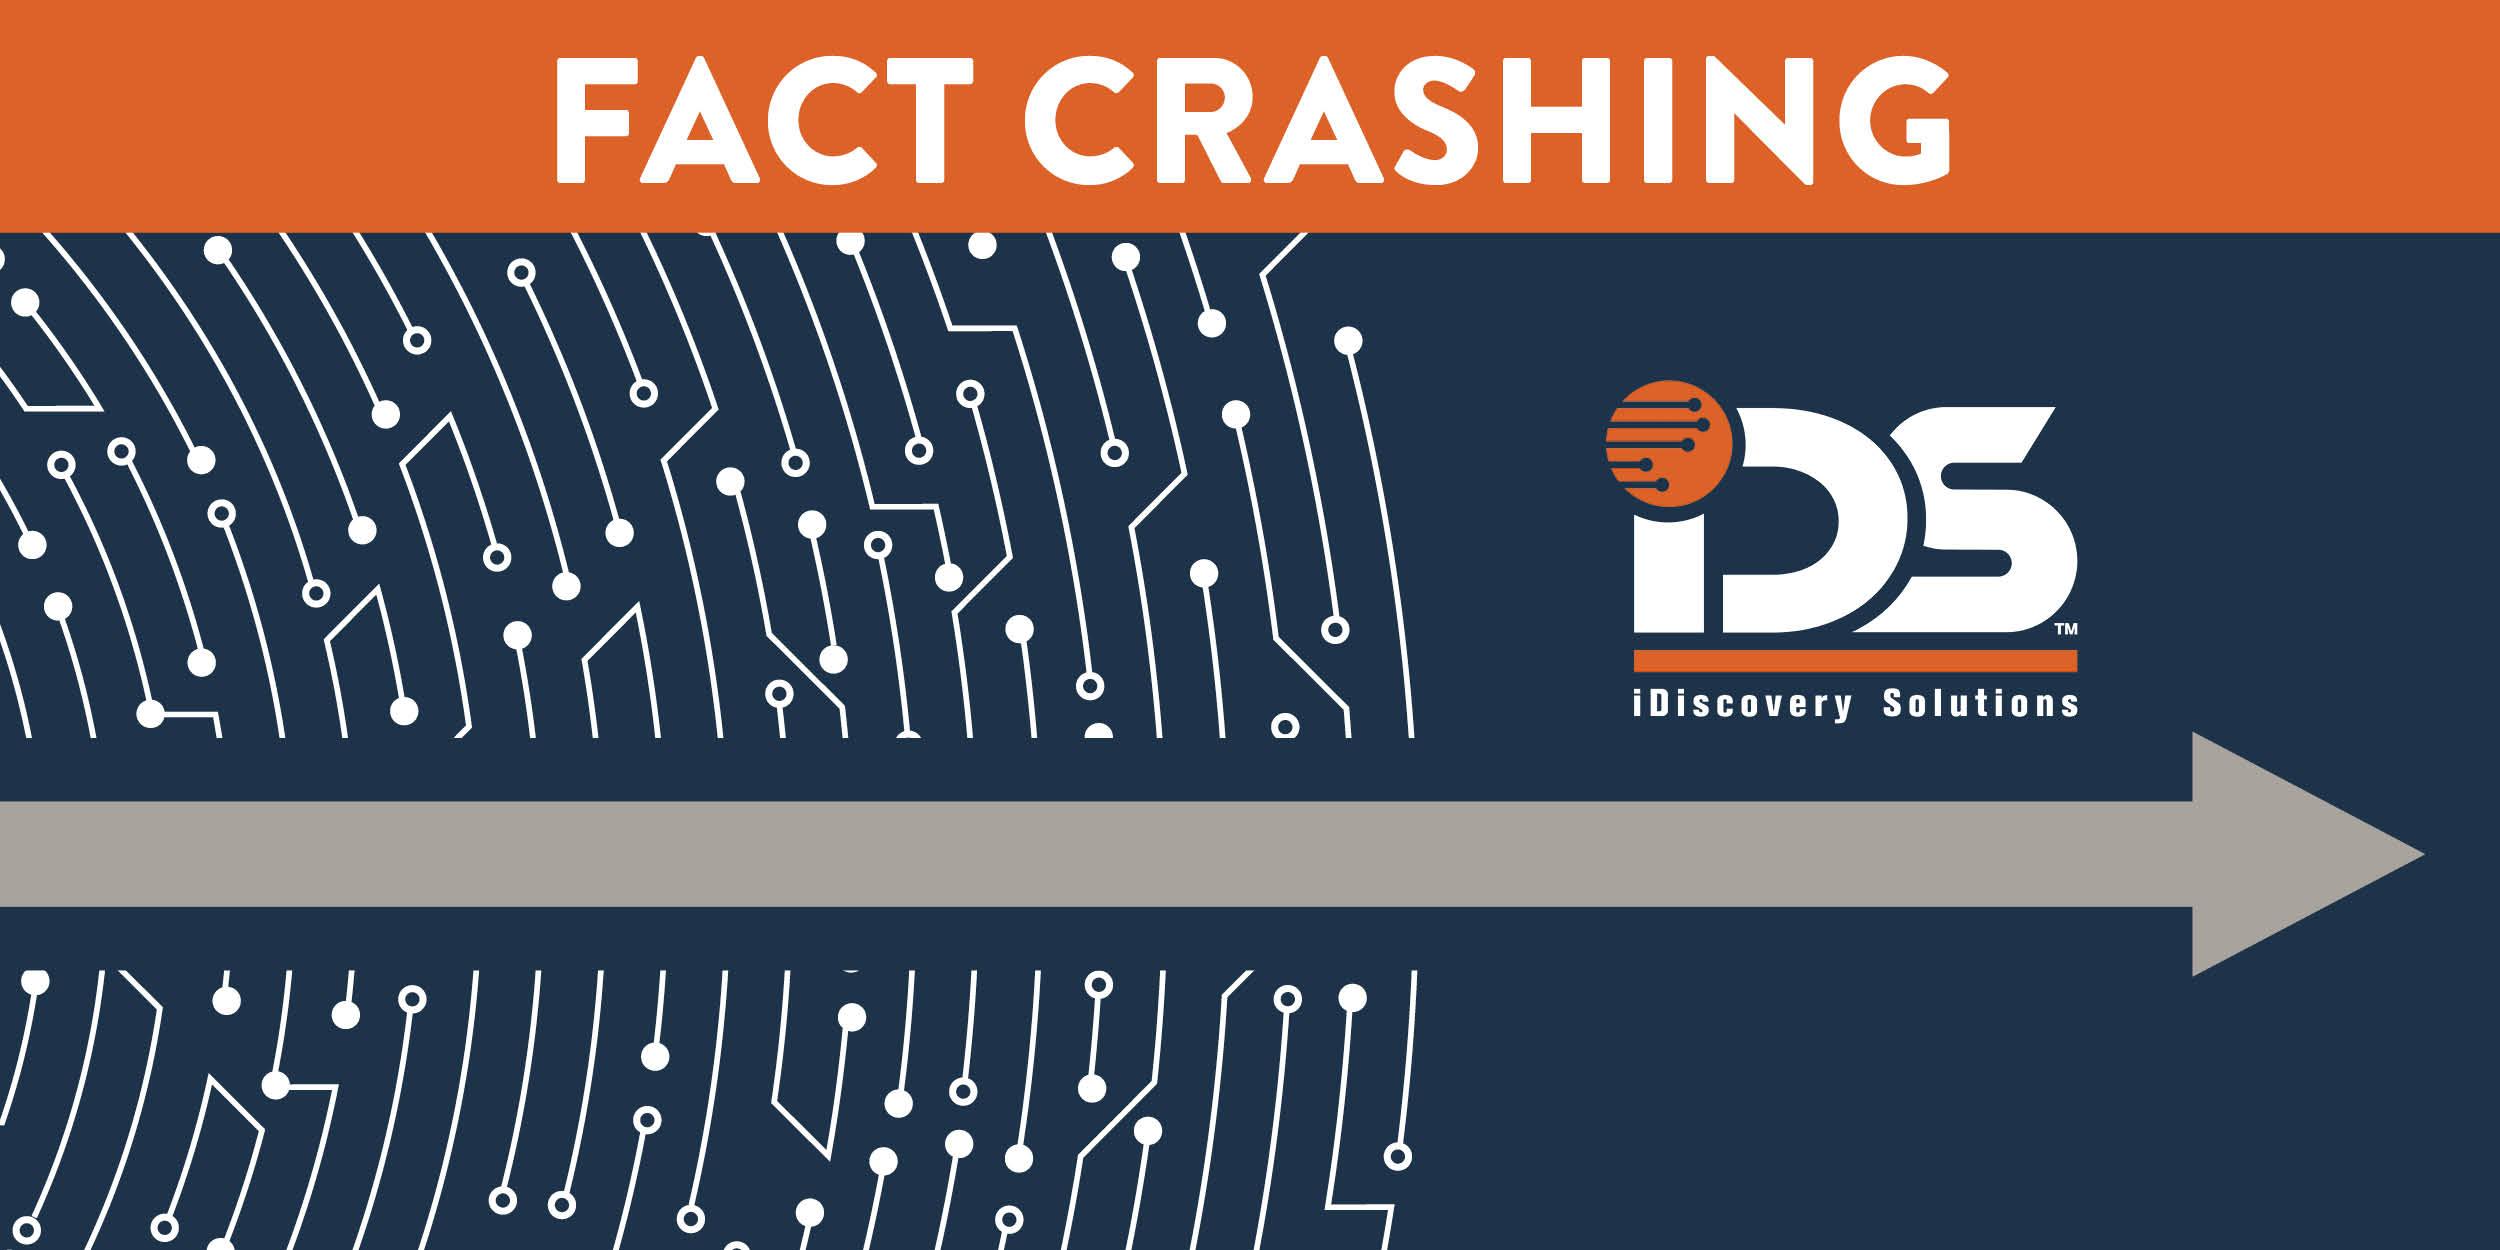 Fact Crashing, Fact Crashing™, Data Discovery, transactional data, data-based evidence